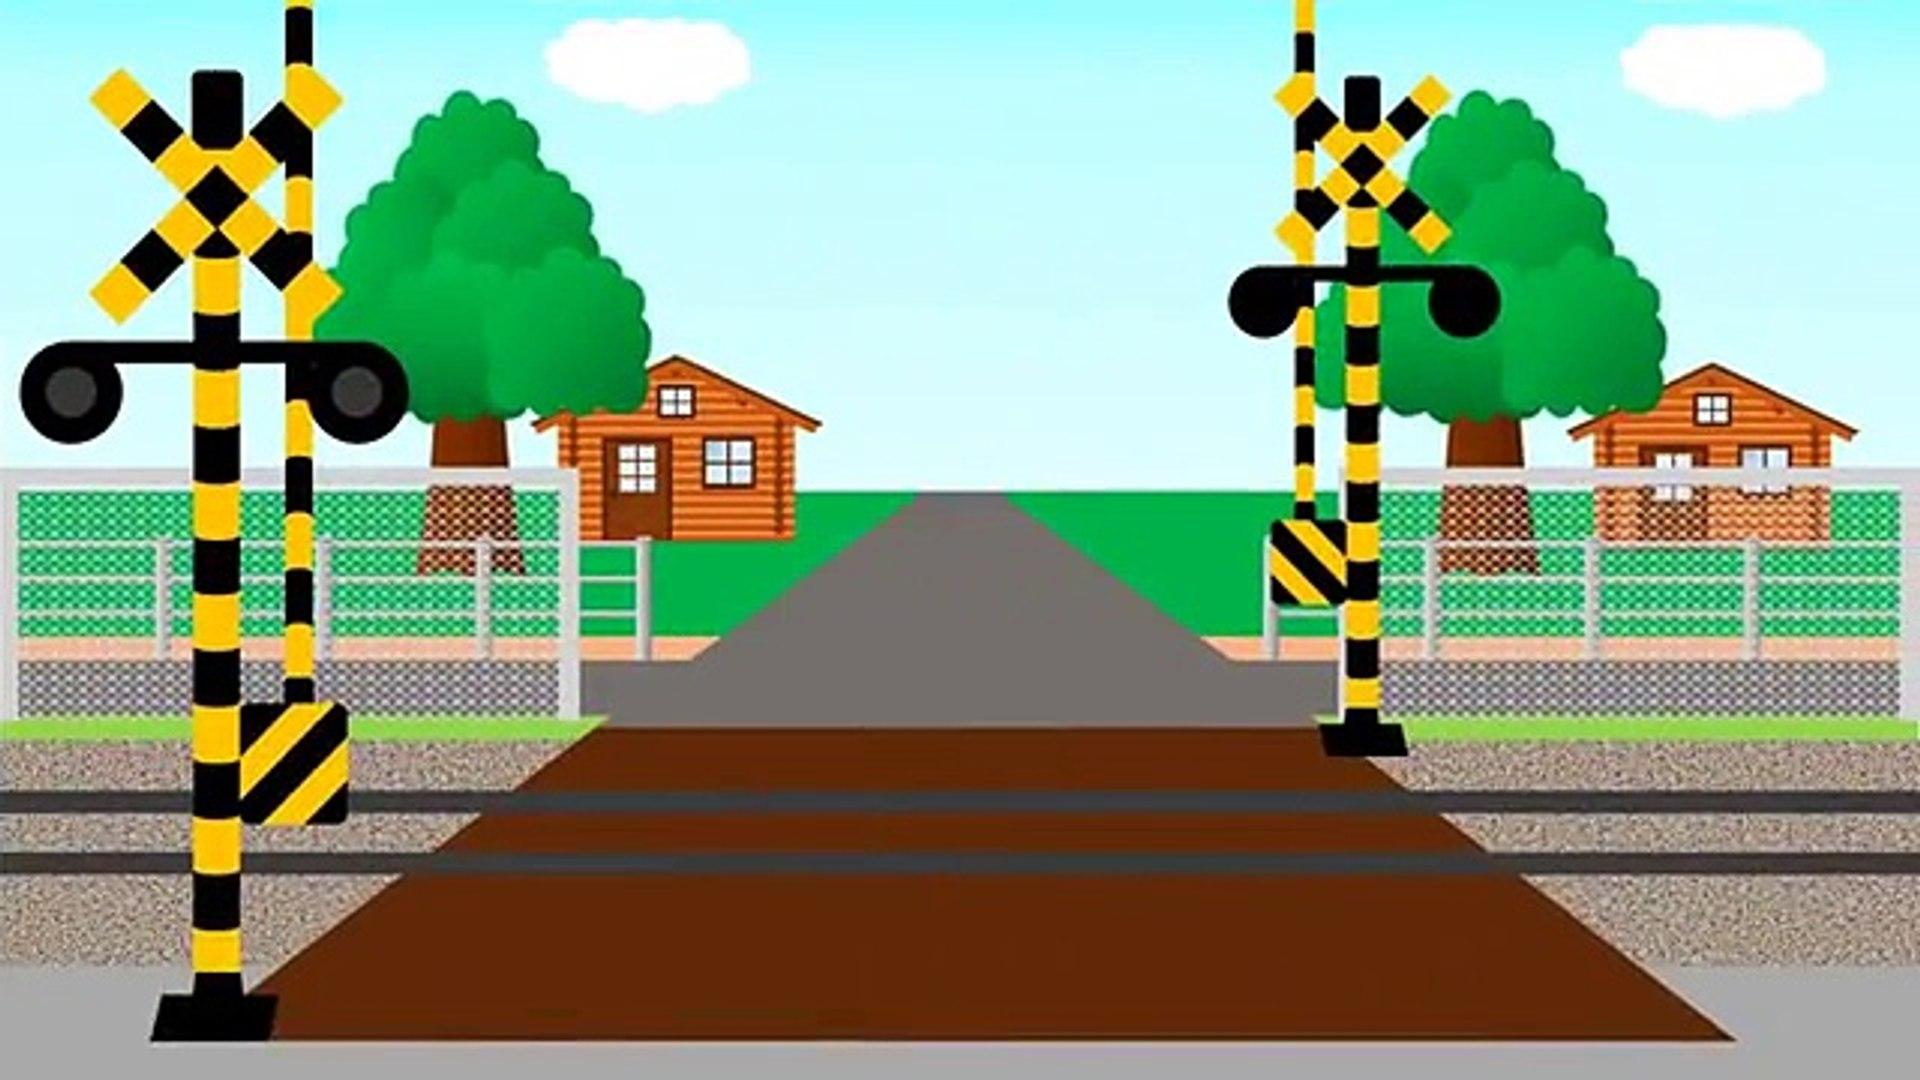 64 Gambar Animasi Kereta Api Lucu Paling Bagus Infobaru